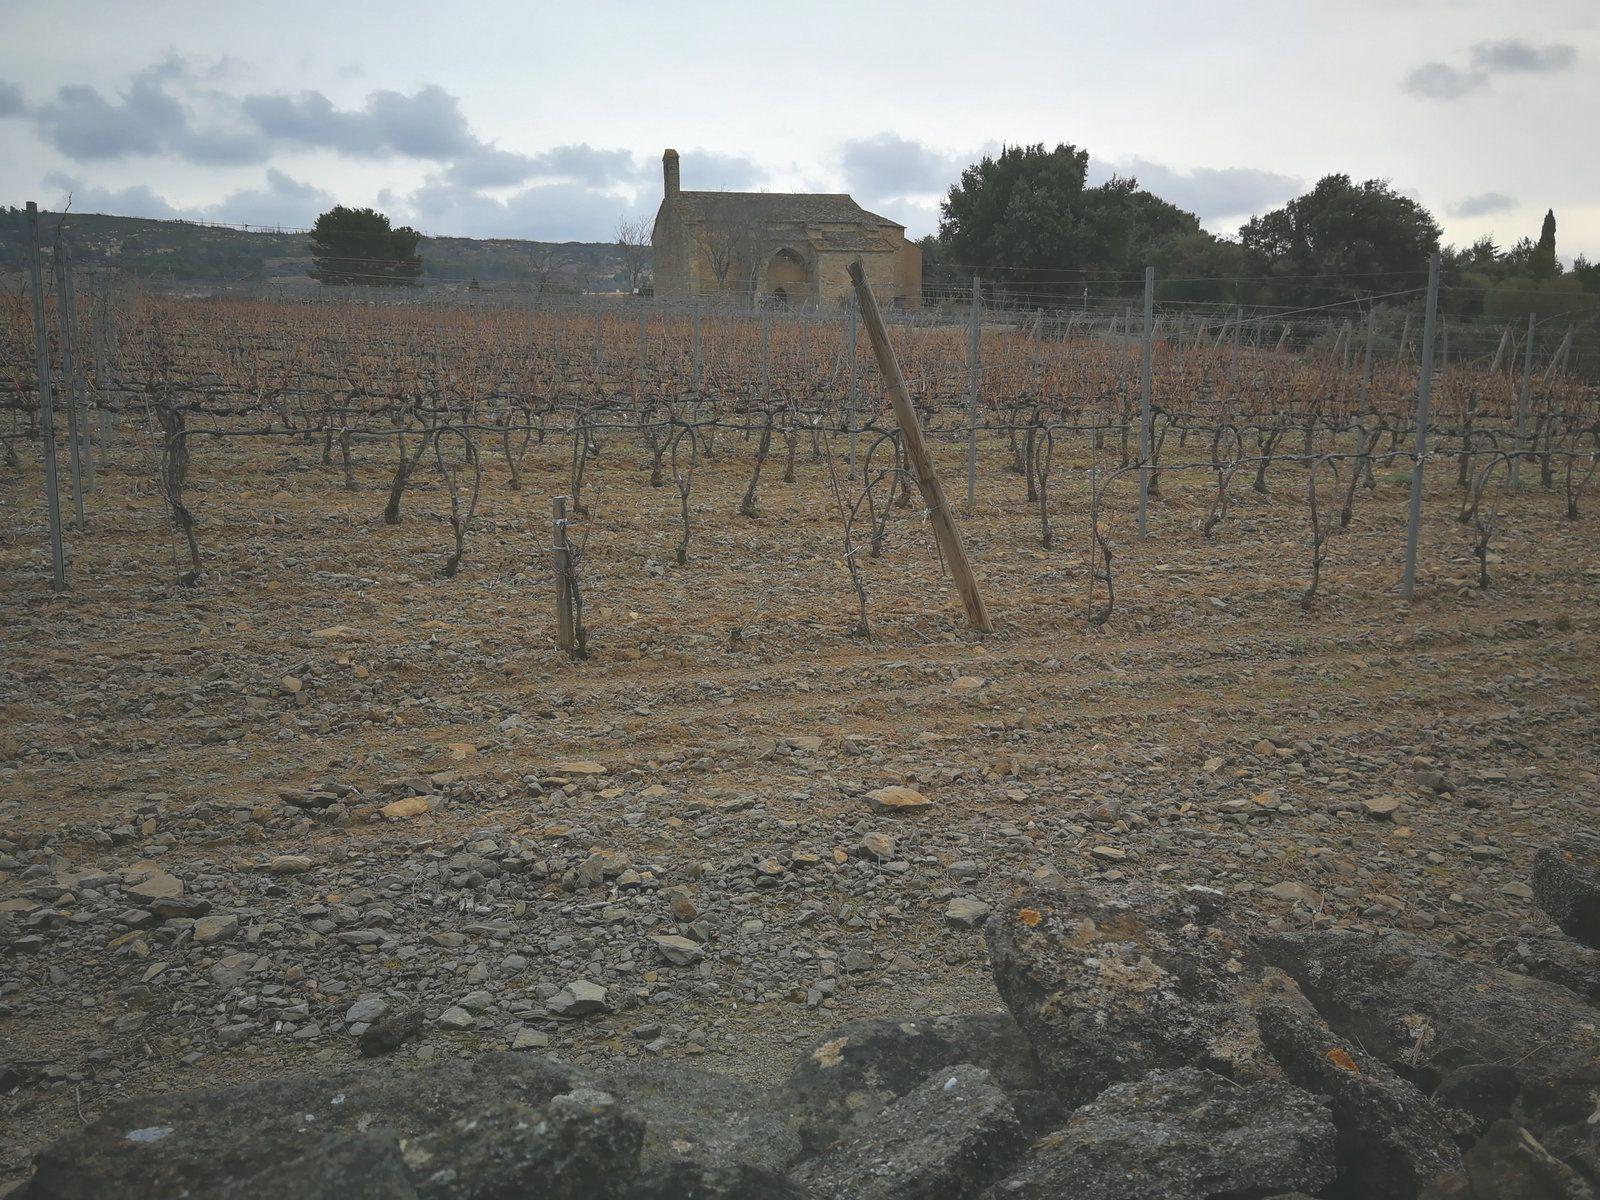 Siran, 20 janvier 2021: des vignes en garrigue